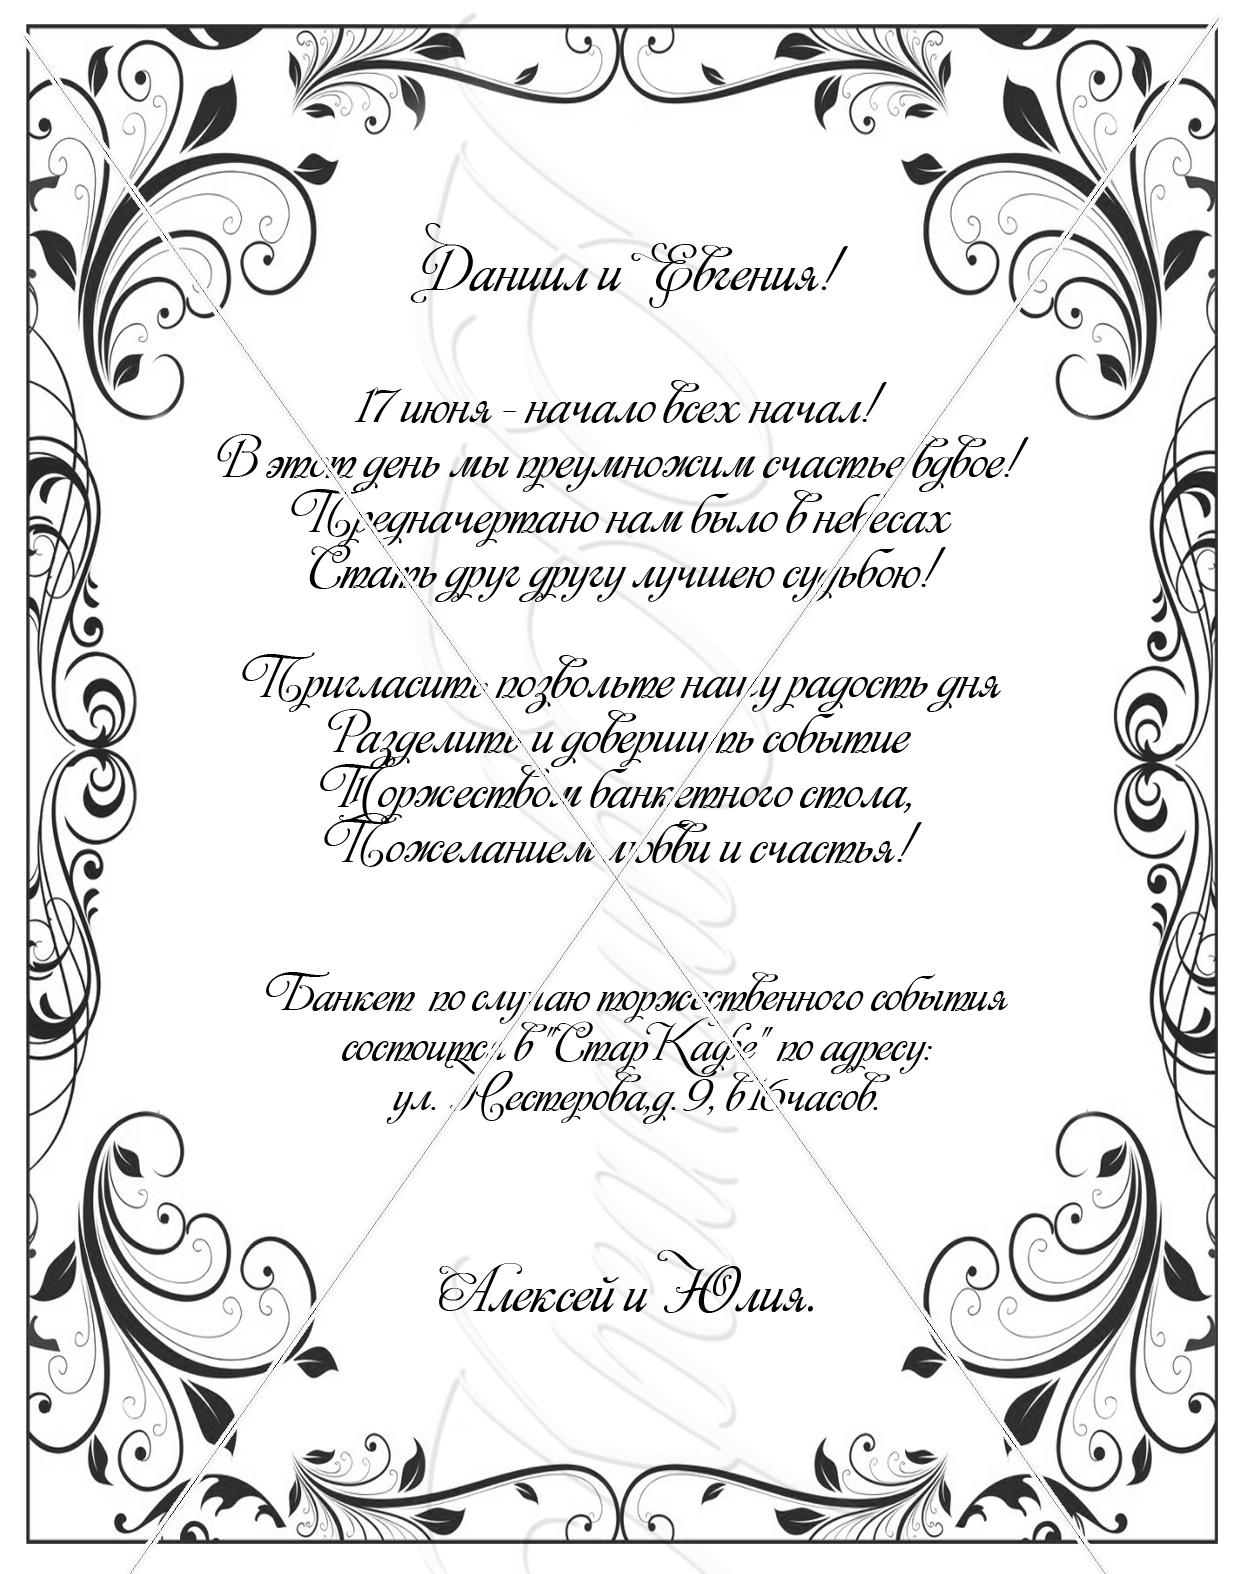 Пригласительные на свадьбу текст красивыми буквами фото